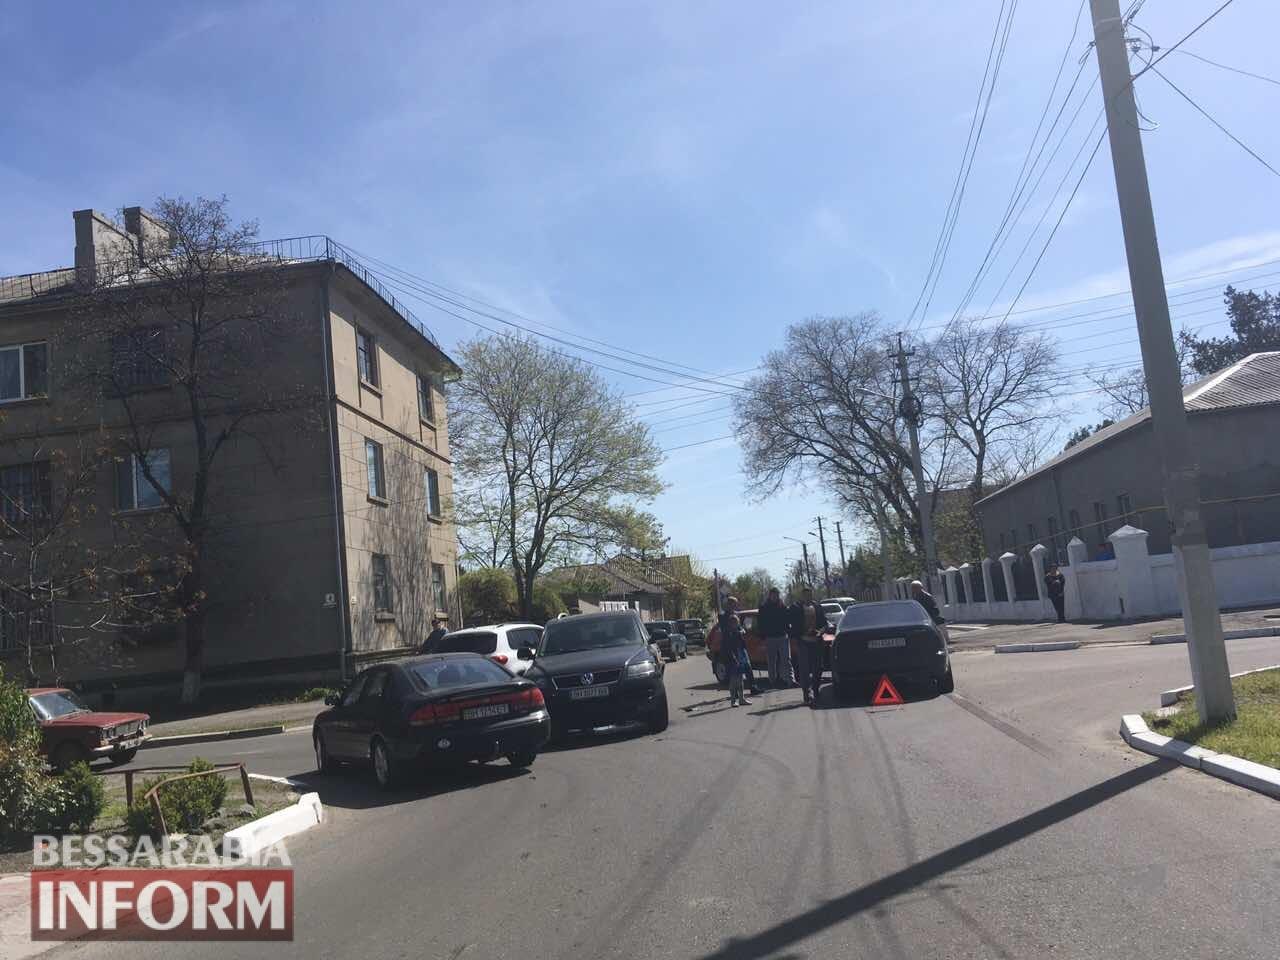 trojnoe-DTP Измаил: на Белгород-Днестровской произошло тройное ДТП